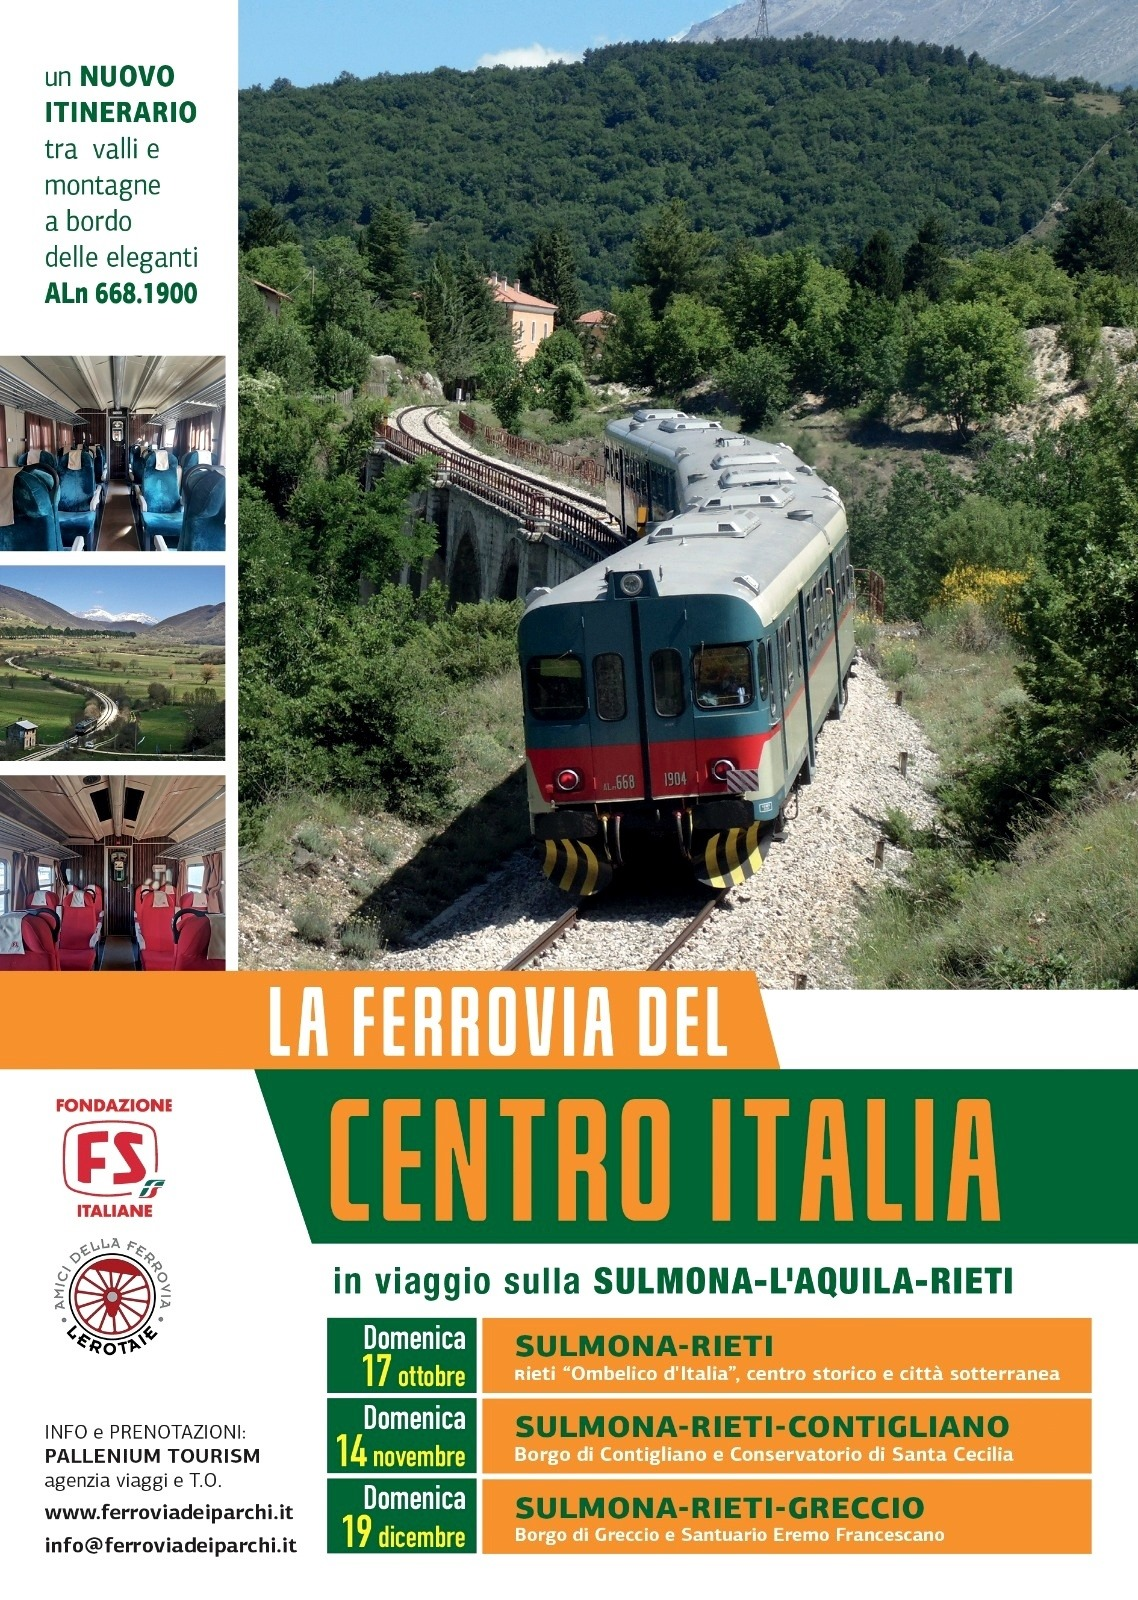 La Ferrovia del Centro Italia